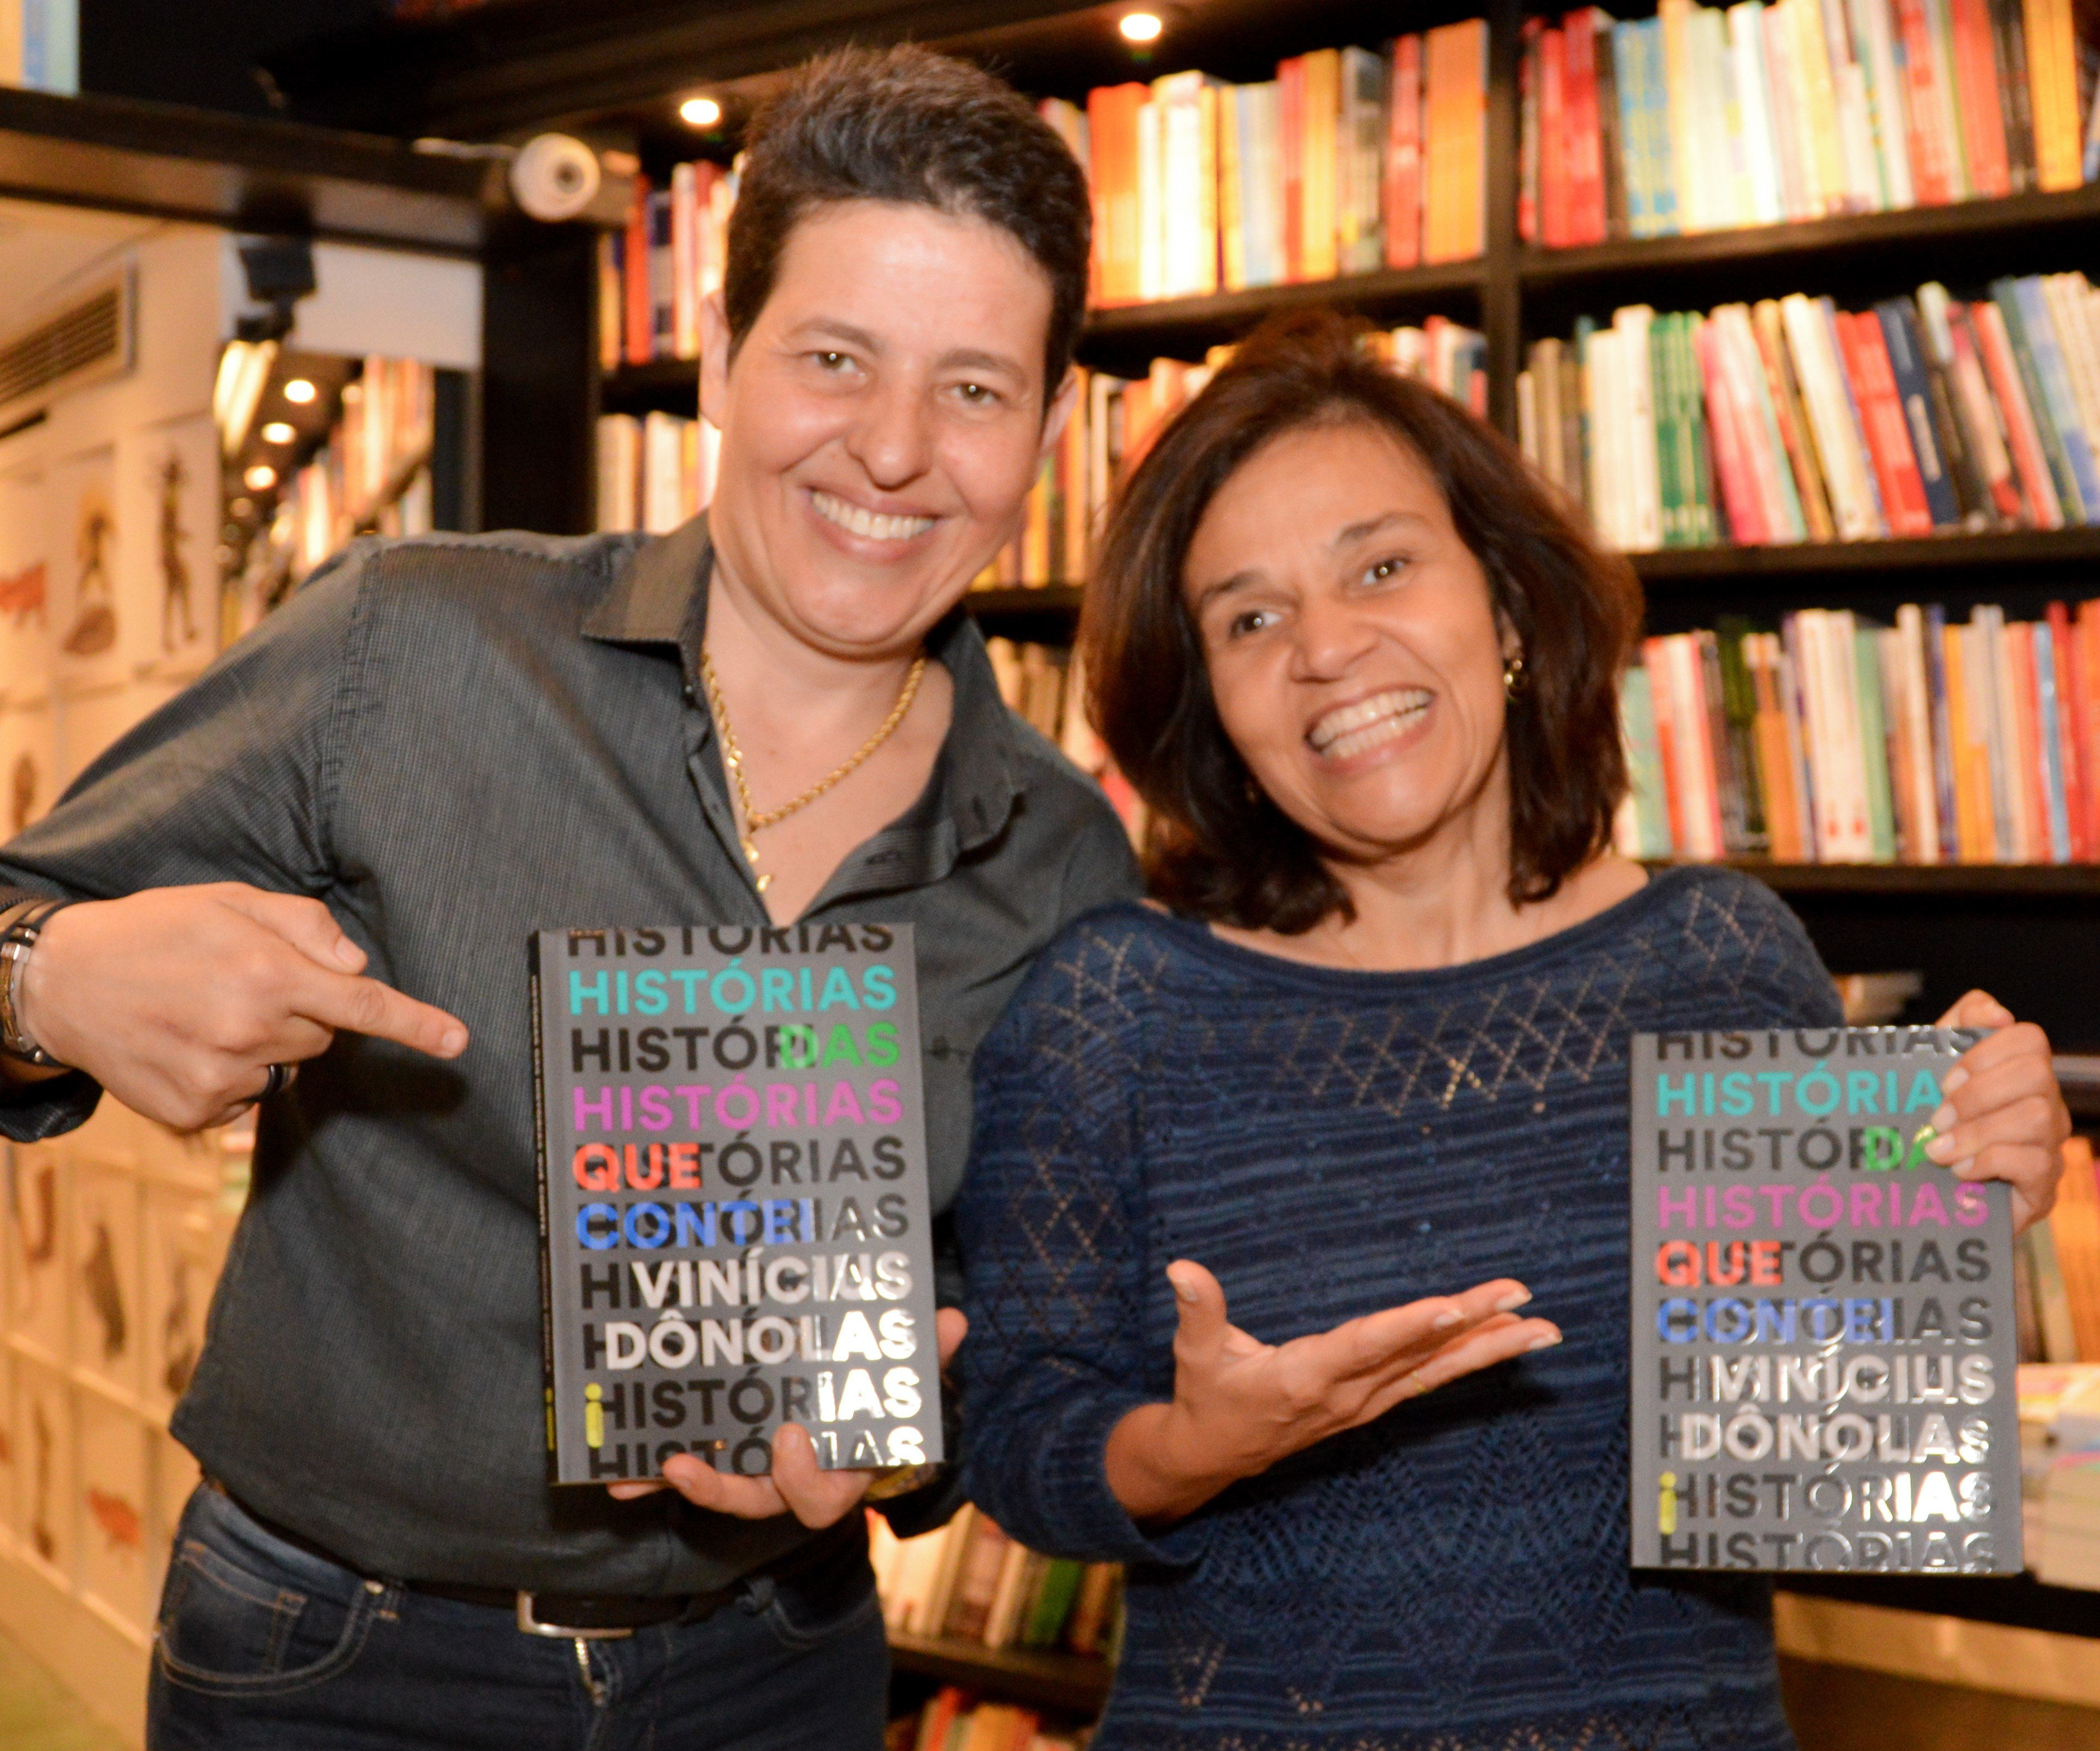 Cláudia Rodrigues e Adriane Botelho /Foto: Rafaela Cassiano - Editora Intrínseca